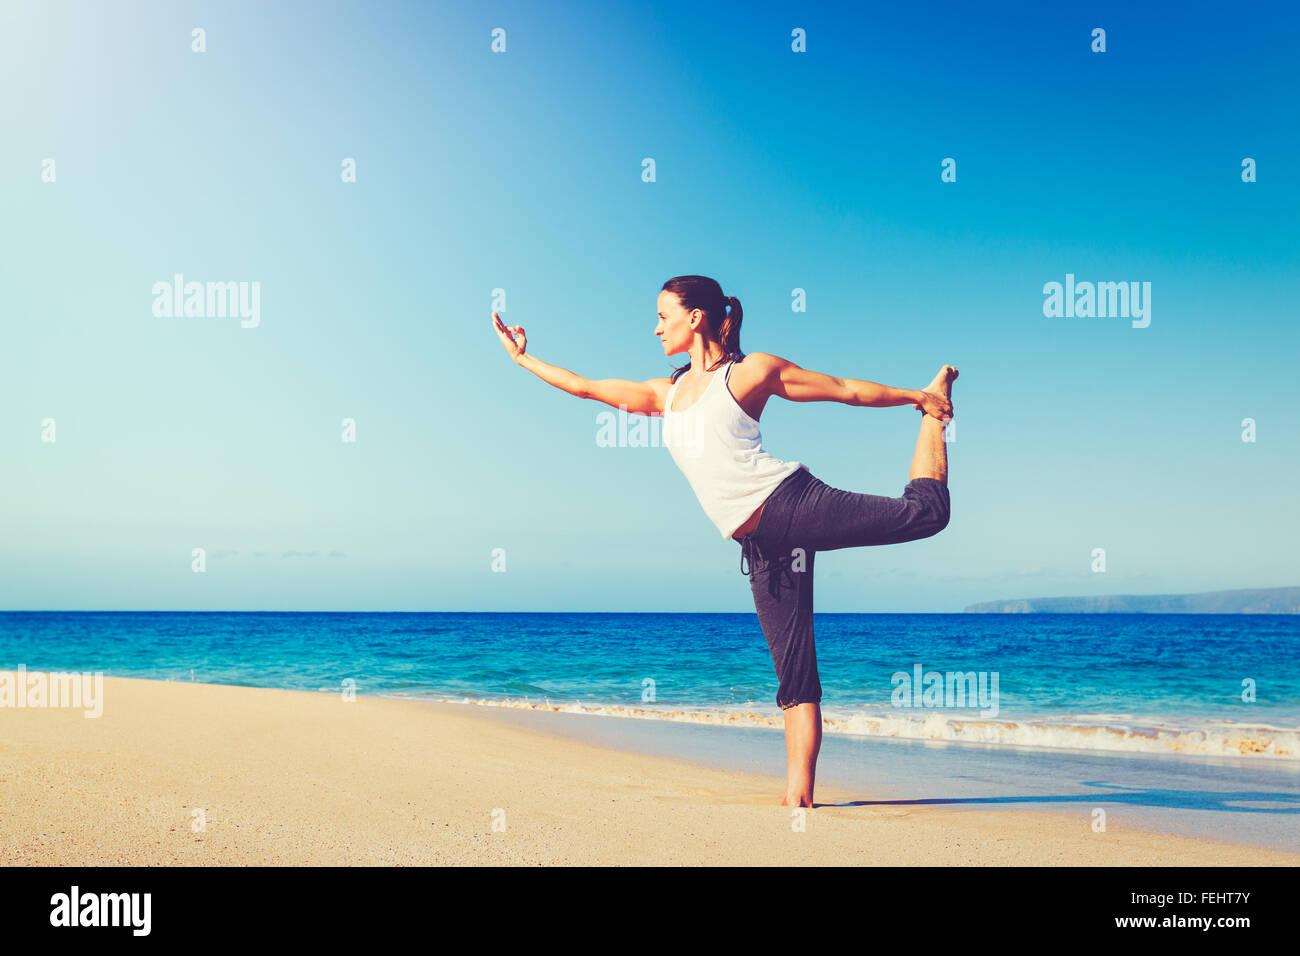 Uno stile di vita sano concetto, bella giovane donna stretching a praticare yoga sulla spiaggia Immagini Stock